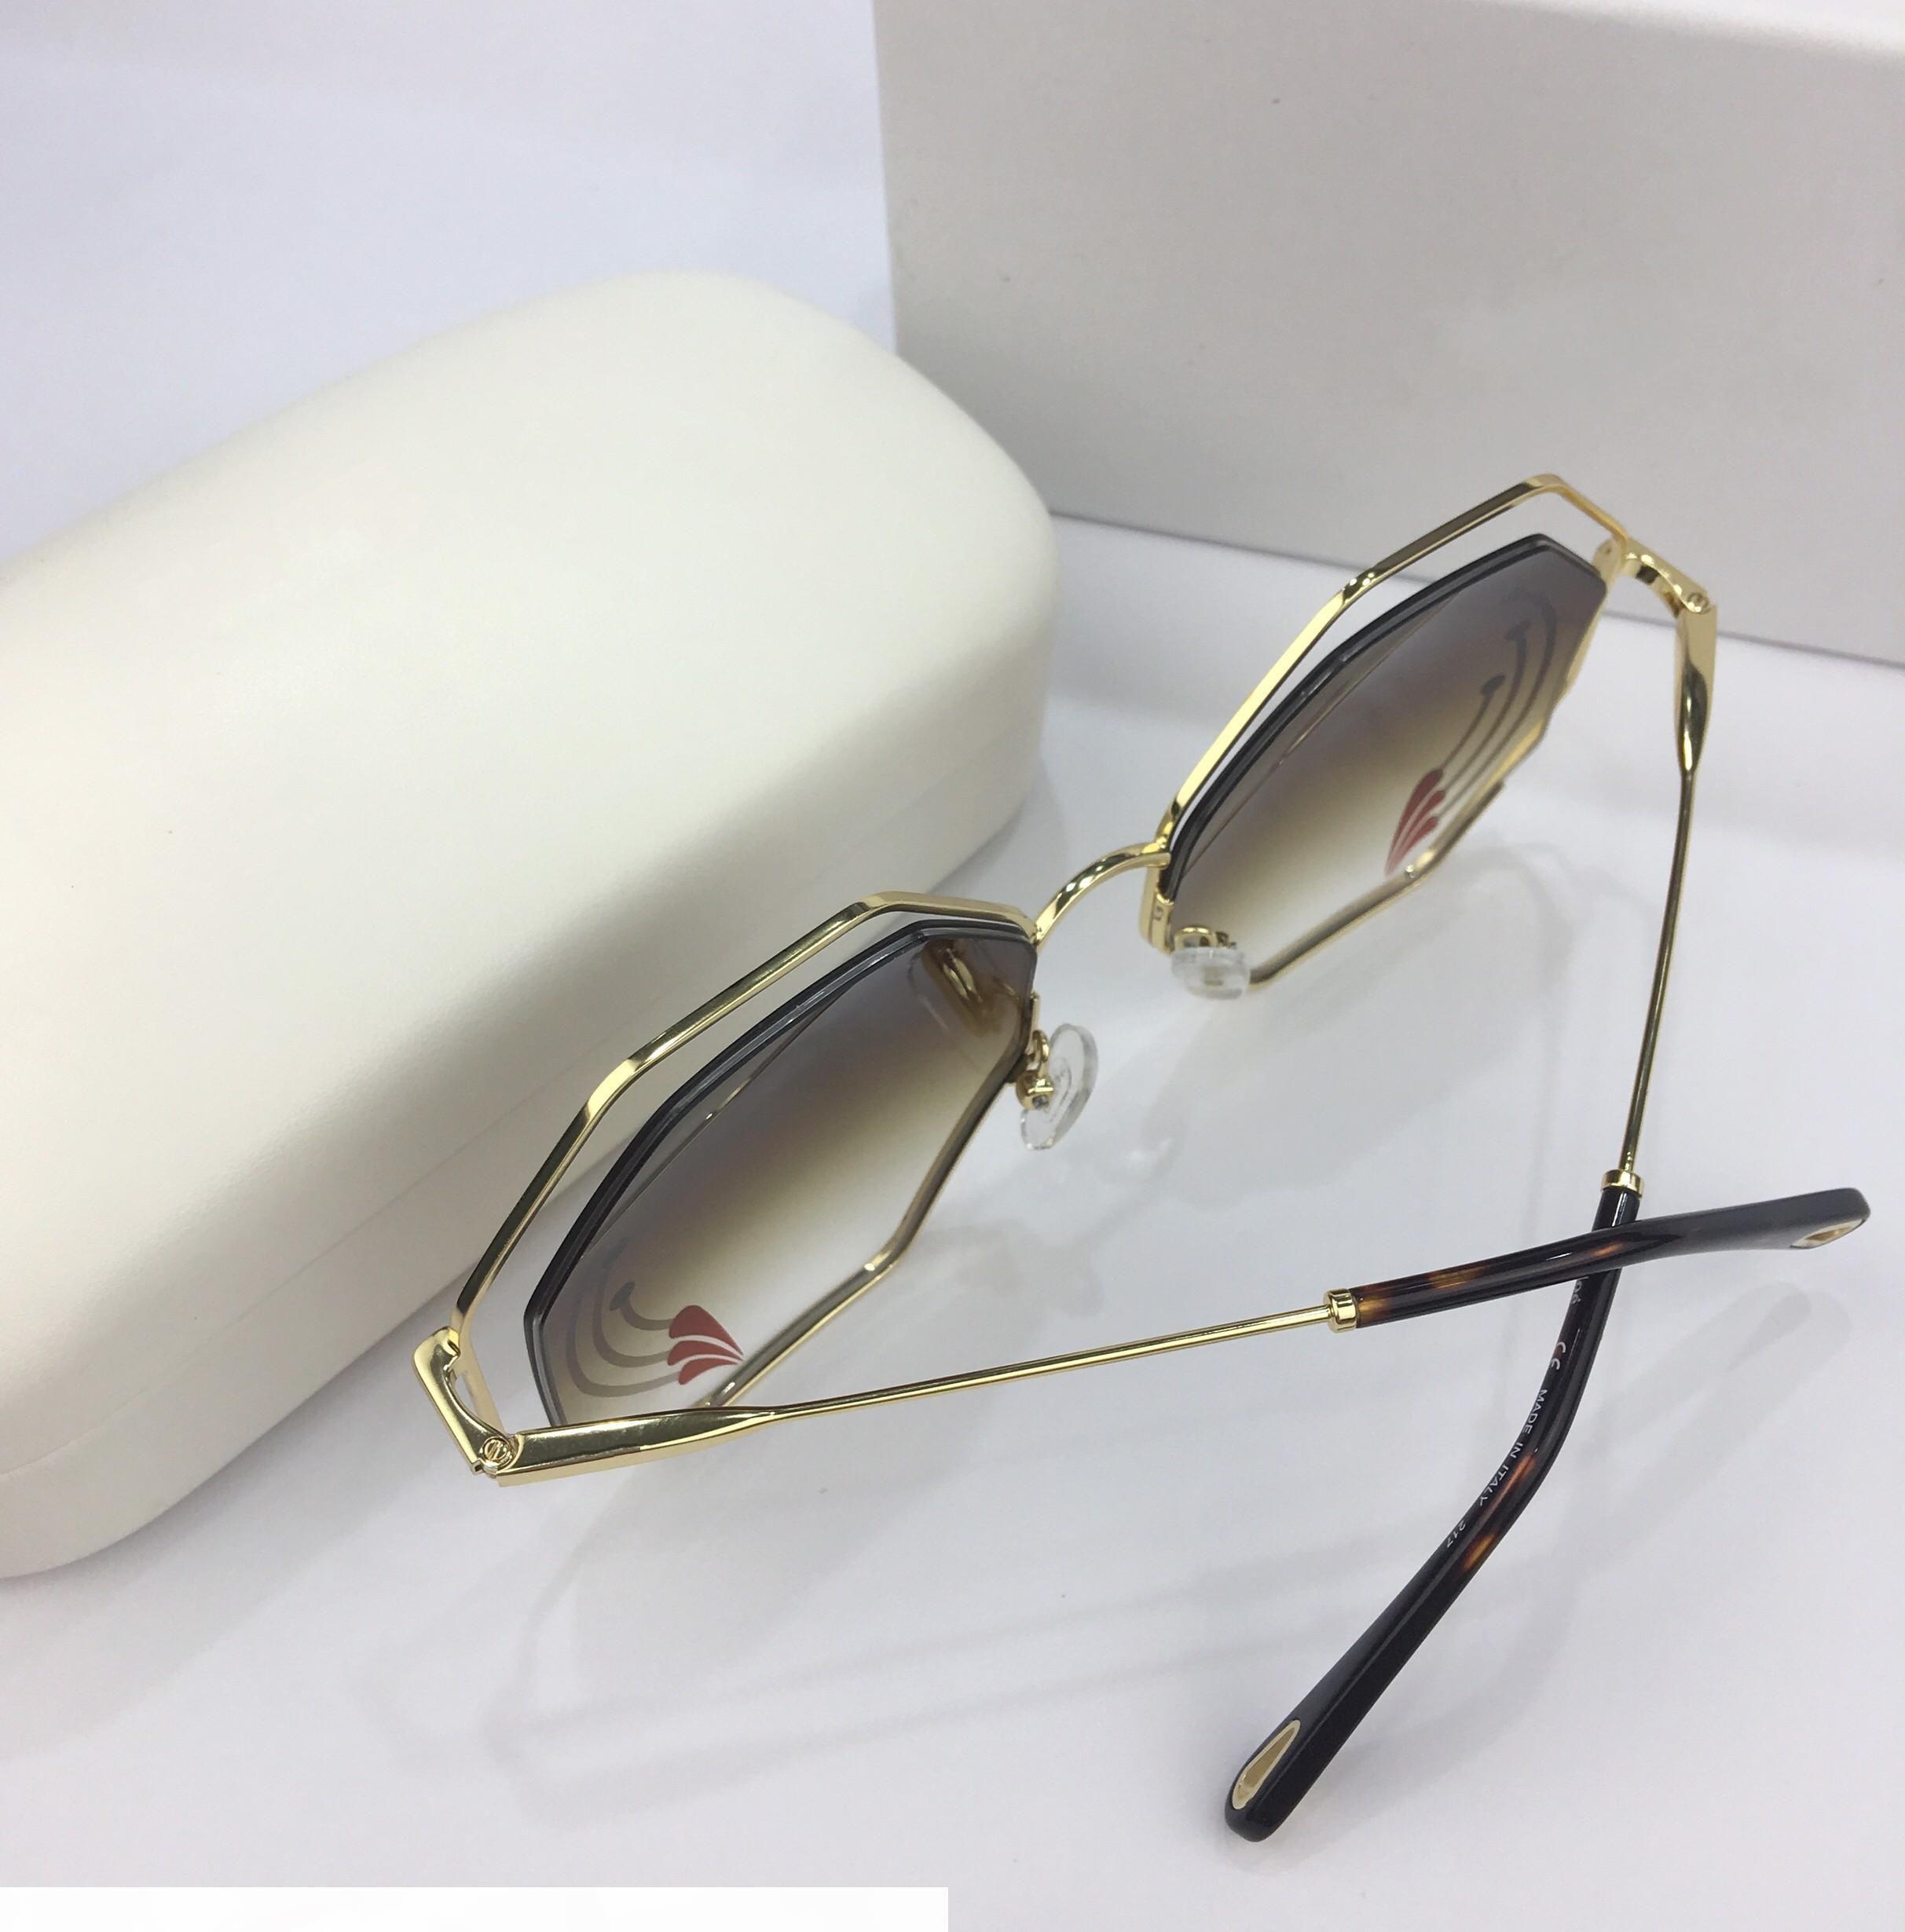 Nouvelle Qualité de Top Qualité 132 Lunettes de soleil pour femmes Hommes Soleil lunettes Femmes Lunettes de soleil Style de mode protège les yeux Gafas de Sol Lunettes de Soleil avec boîte